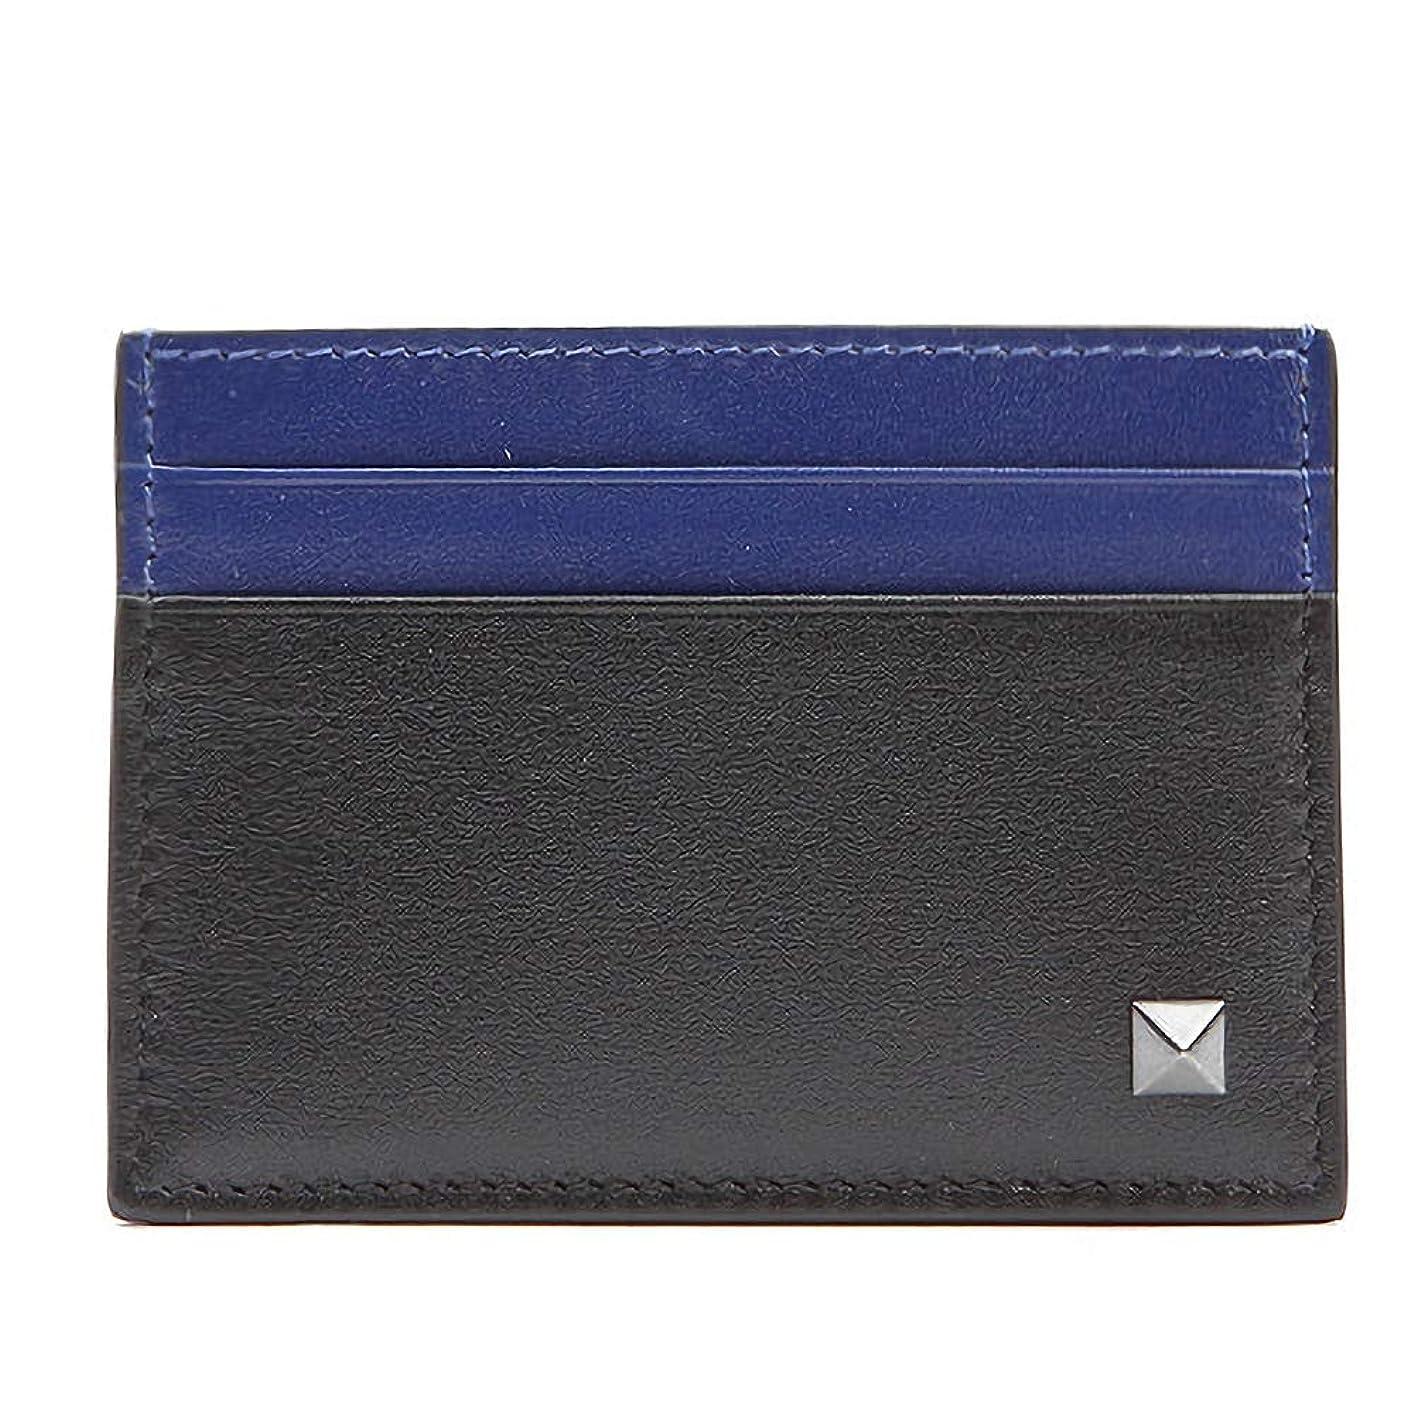 まつげストレンジャー小さな[ヴァレンティノ] [VALENTINO] メンズ シングル ロックスタッズ レザー カードケース カード財布 名刺入れ 定期入れ ブラック系 ブルー系 [並行輸入品]